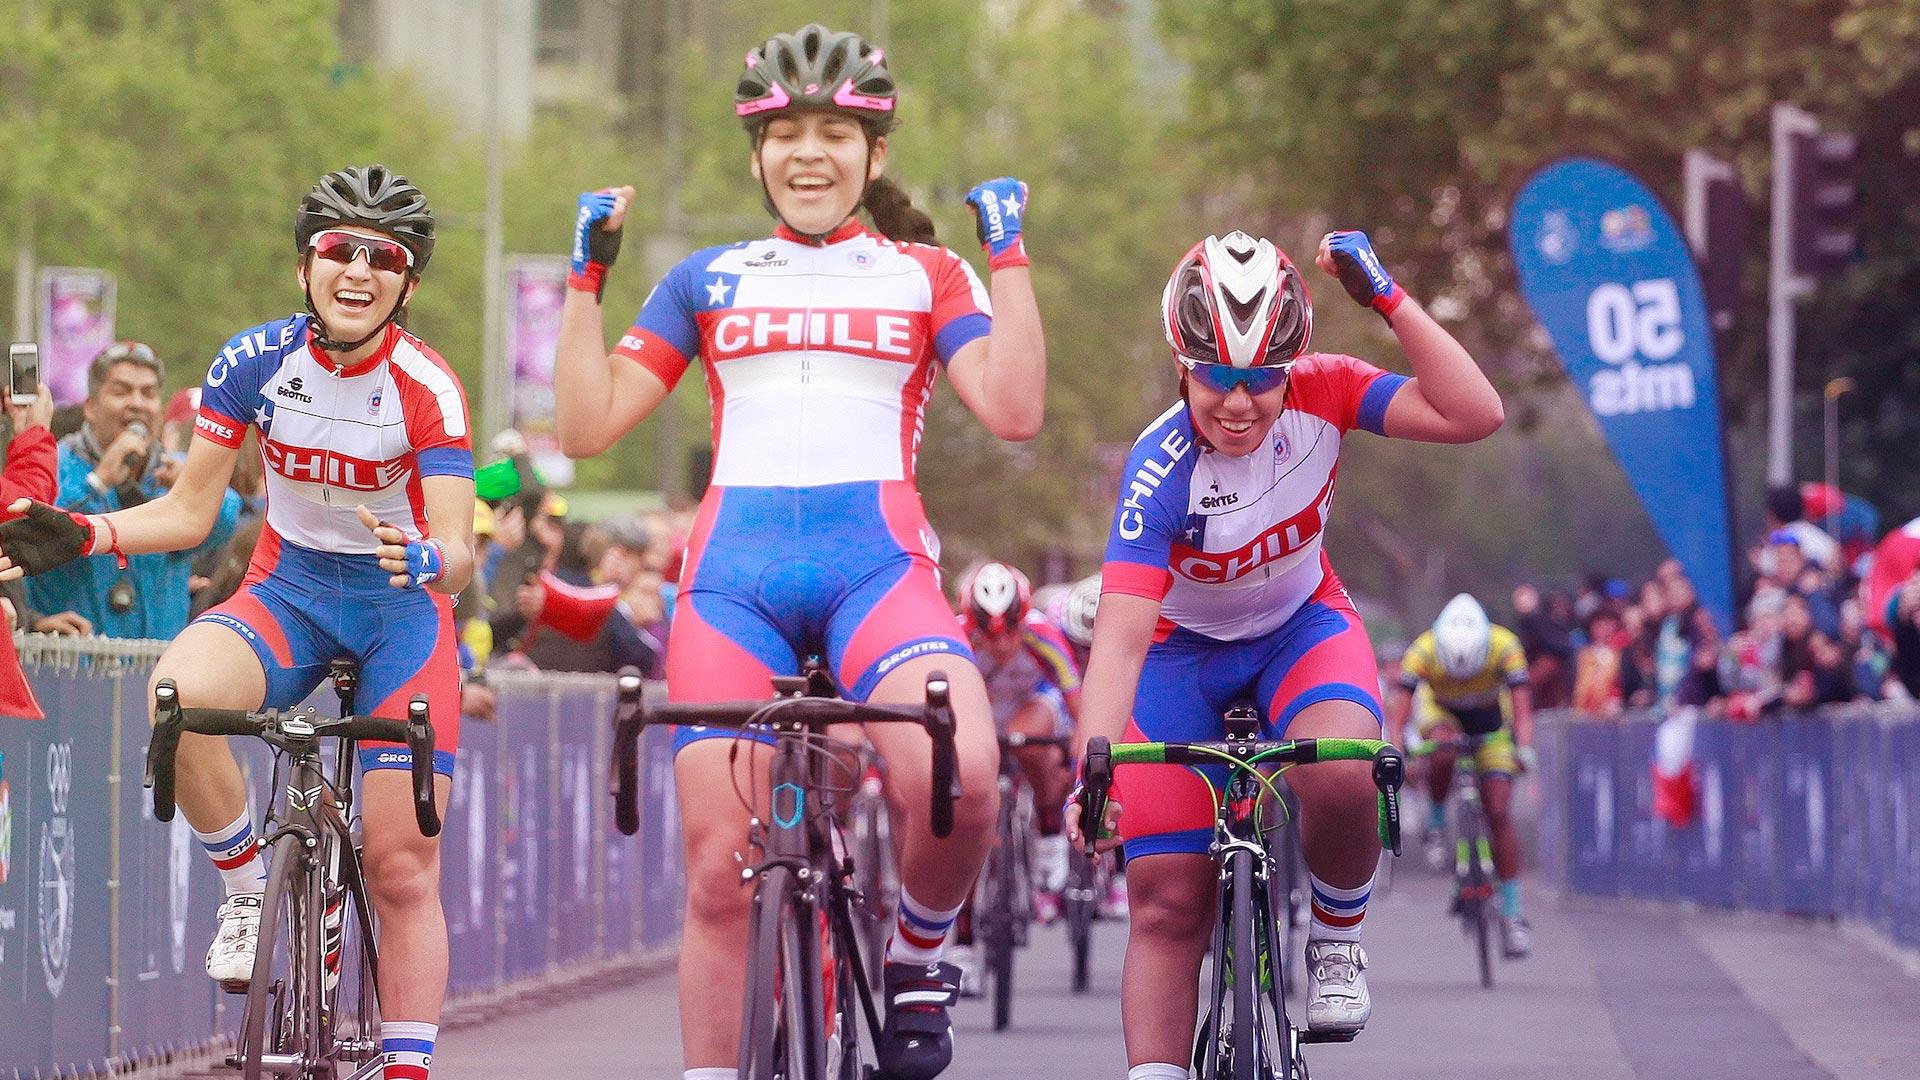 ¿Cómo seguimos apoyando el ciclismo femenino en Chile?